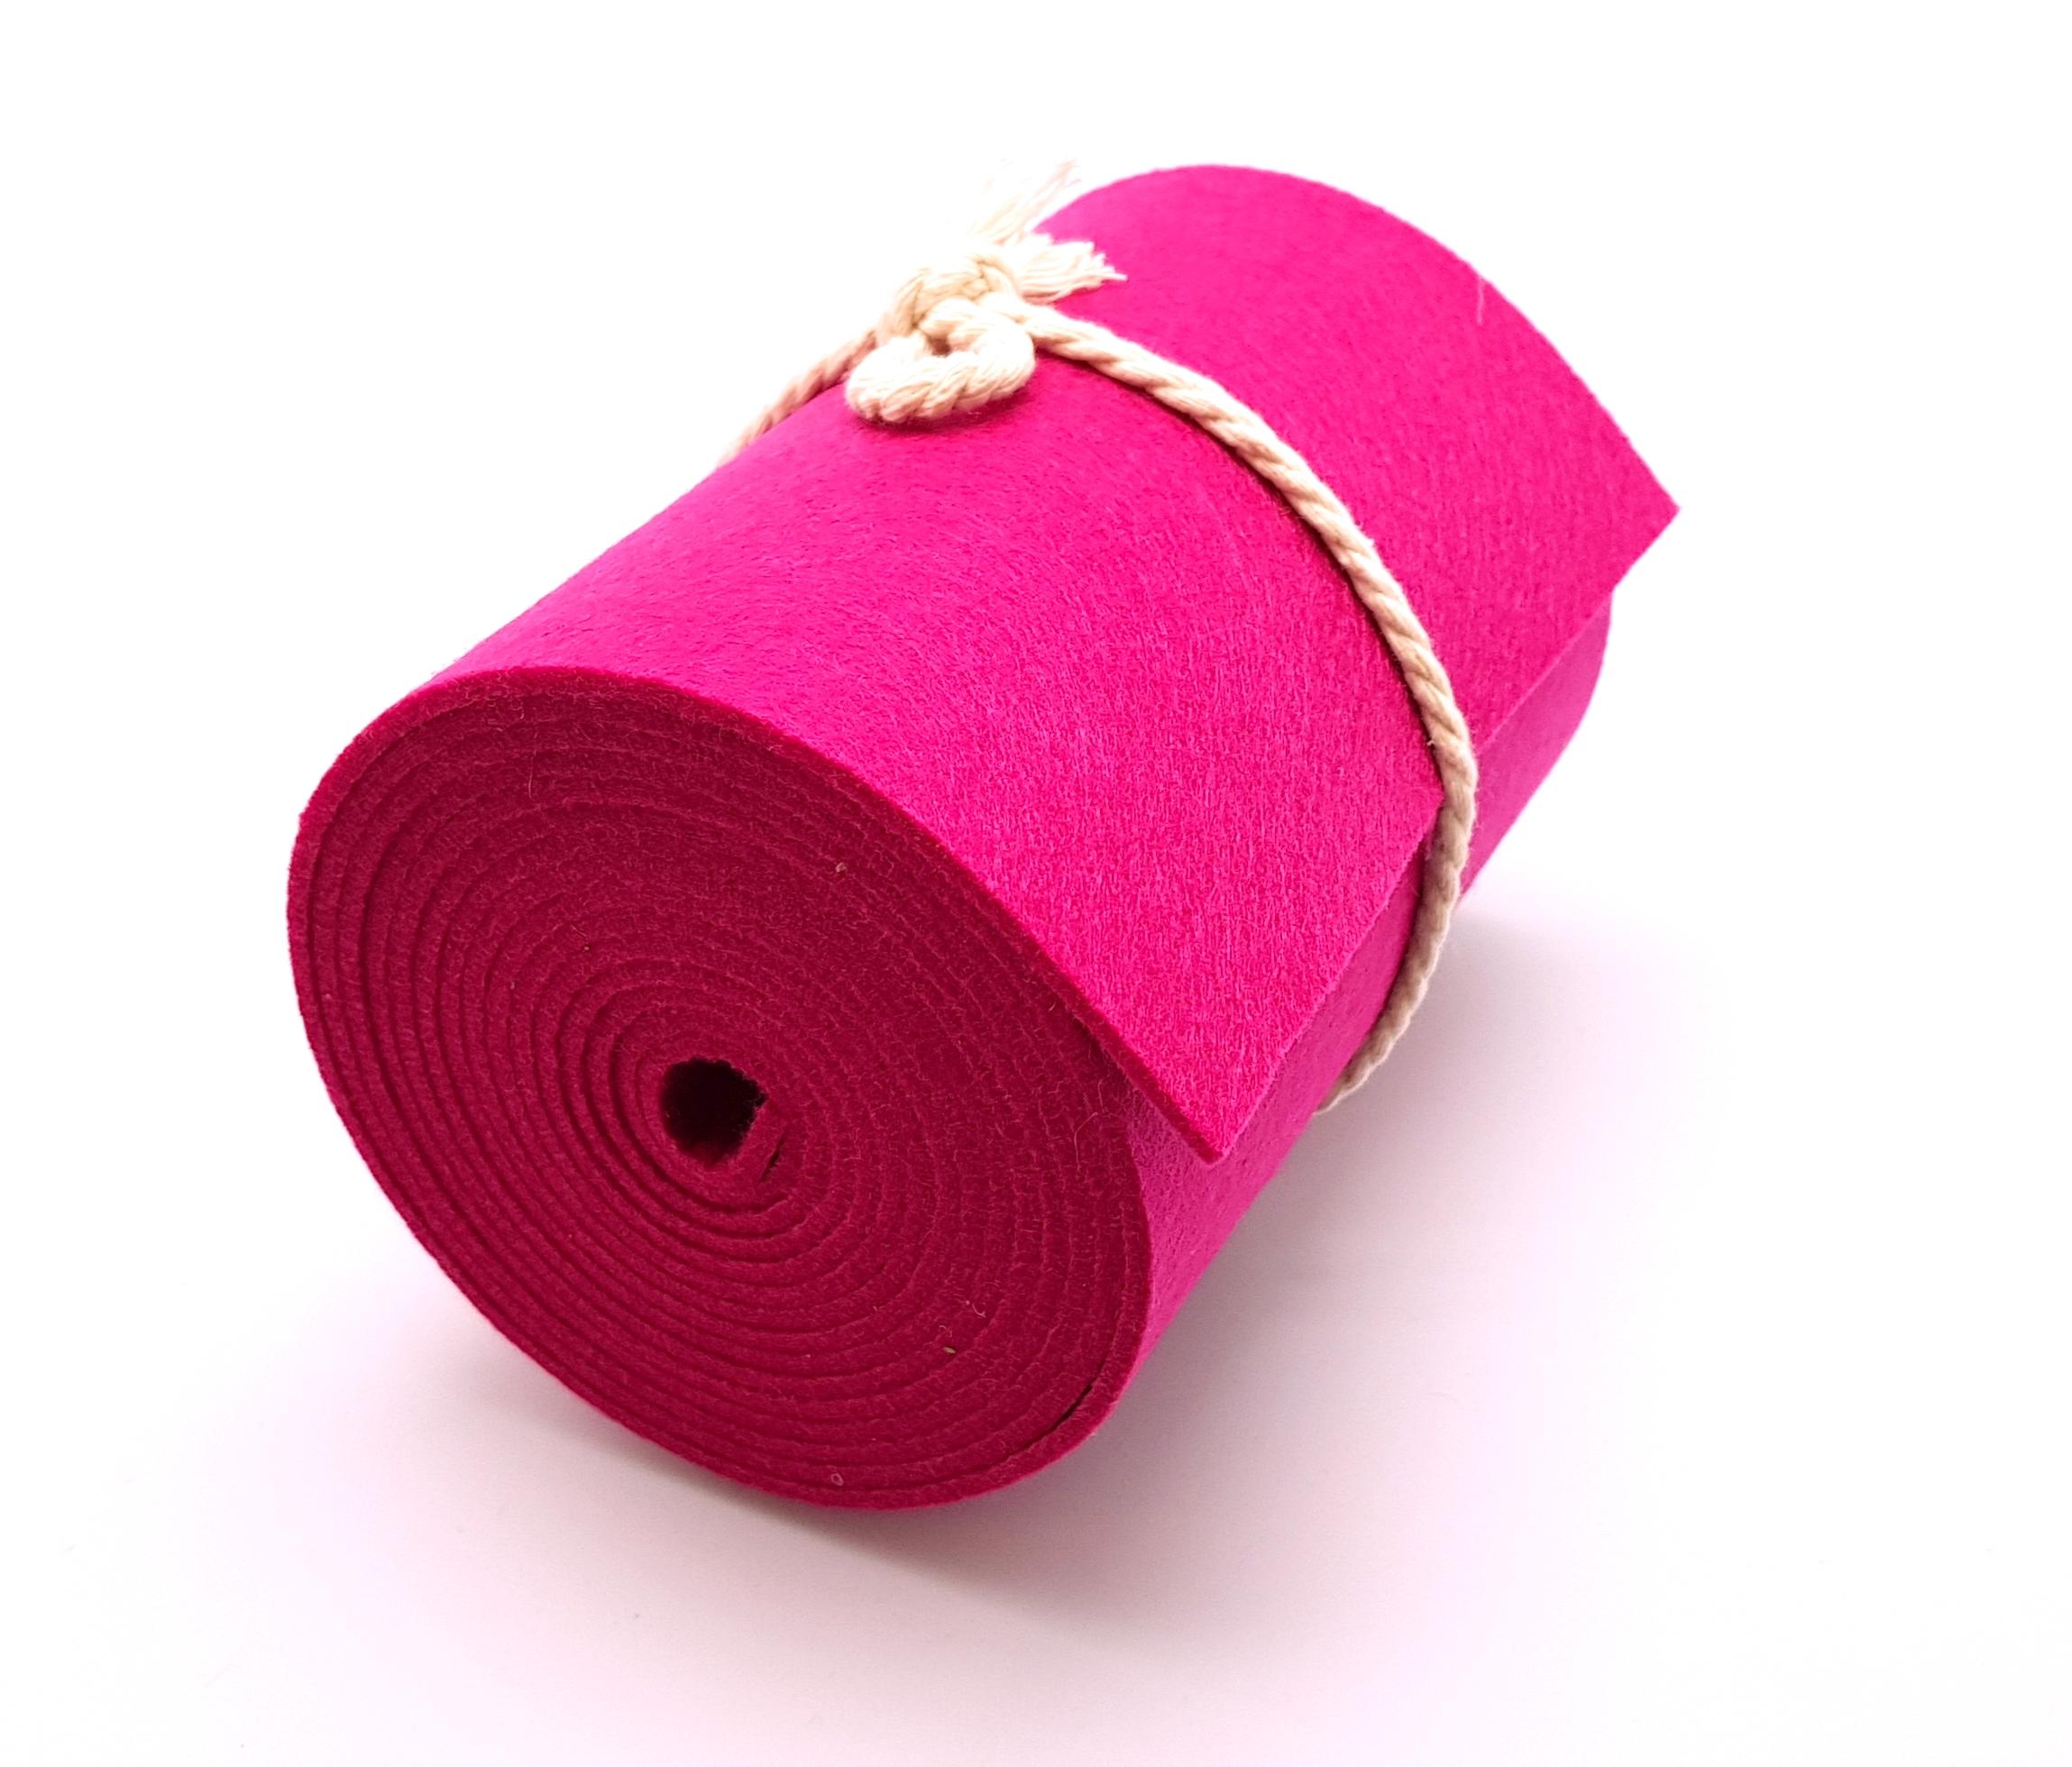 15-cm-rolle-pink - Handgemachte individualisierbare Taschen, Körbe, Tischsets, Dekoartikel und mehr auf fideko.de der Onlineshop seit 2011